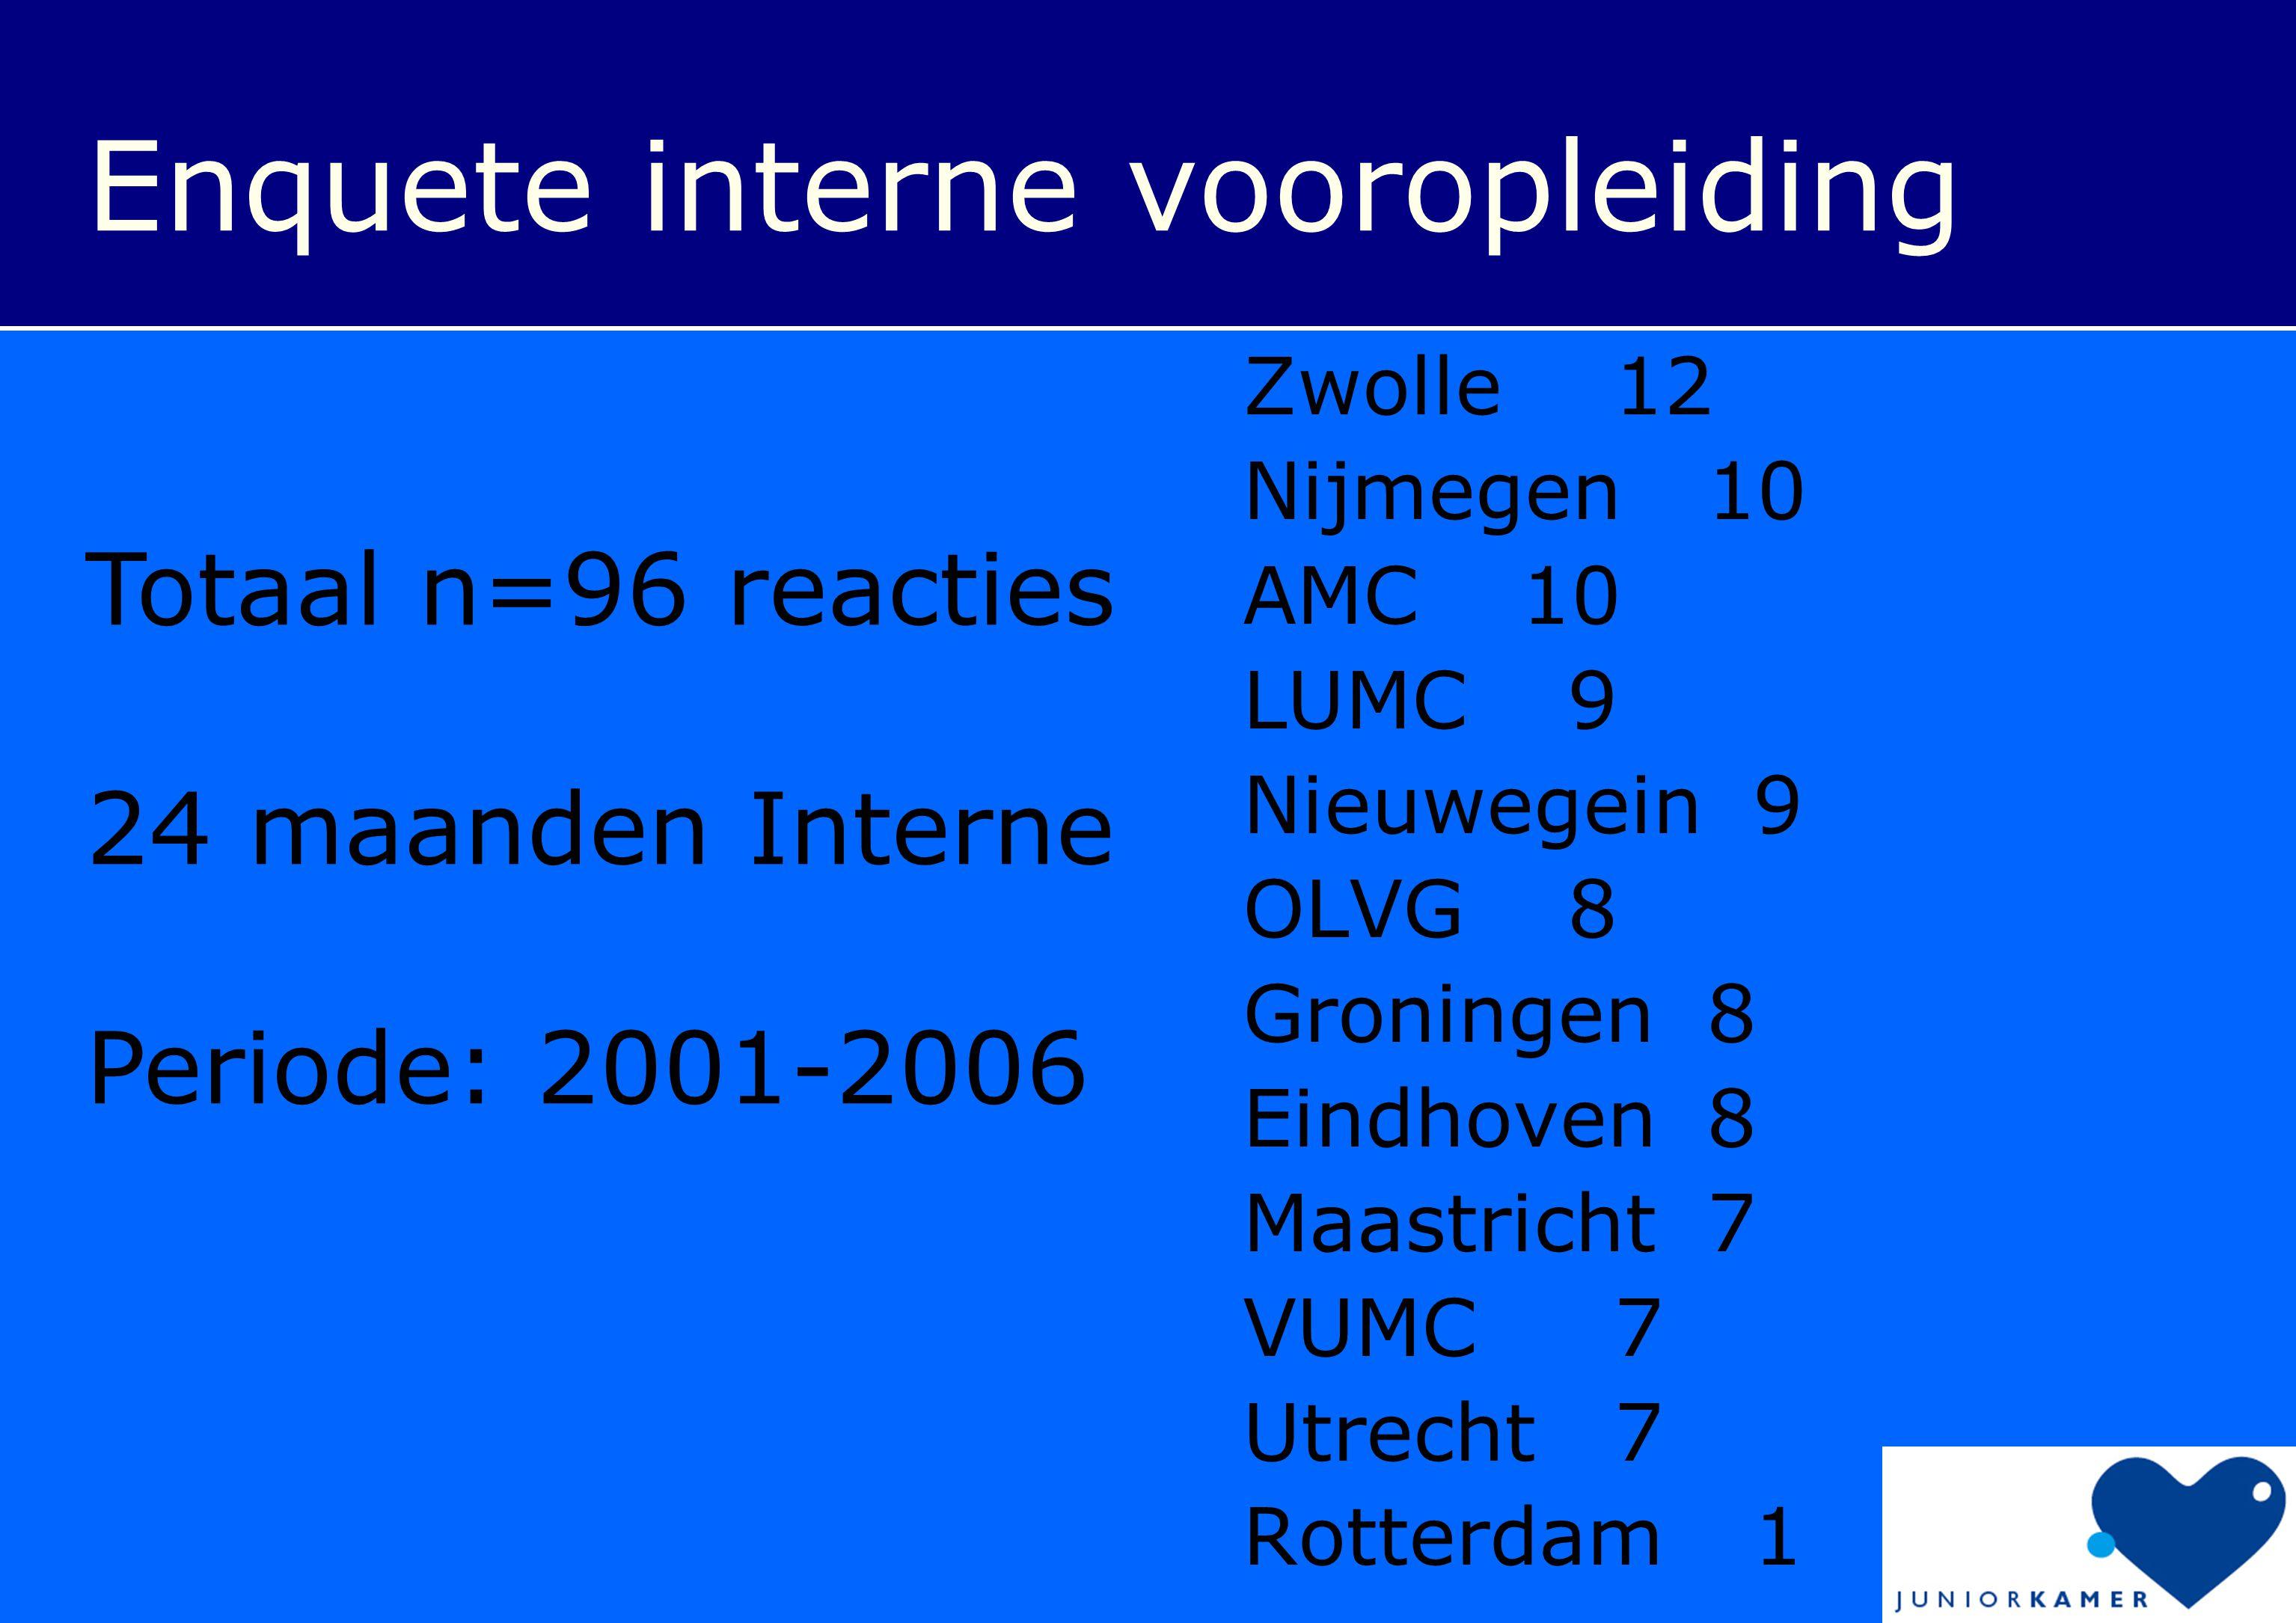 Zwolle12 Nijmegen10 AMC10 LUMC9 Nieuwegein9 OLVG8 Groningen8 Eindhoven8 Maastricht7 VUMC7 Utrecht7 Rotterdam1 Enquete interne vooropleiding Totaal n=96 reacties 24 maanden Interne Periode: 2001-2006